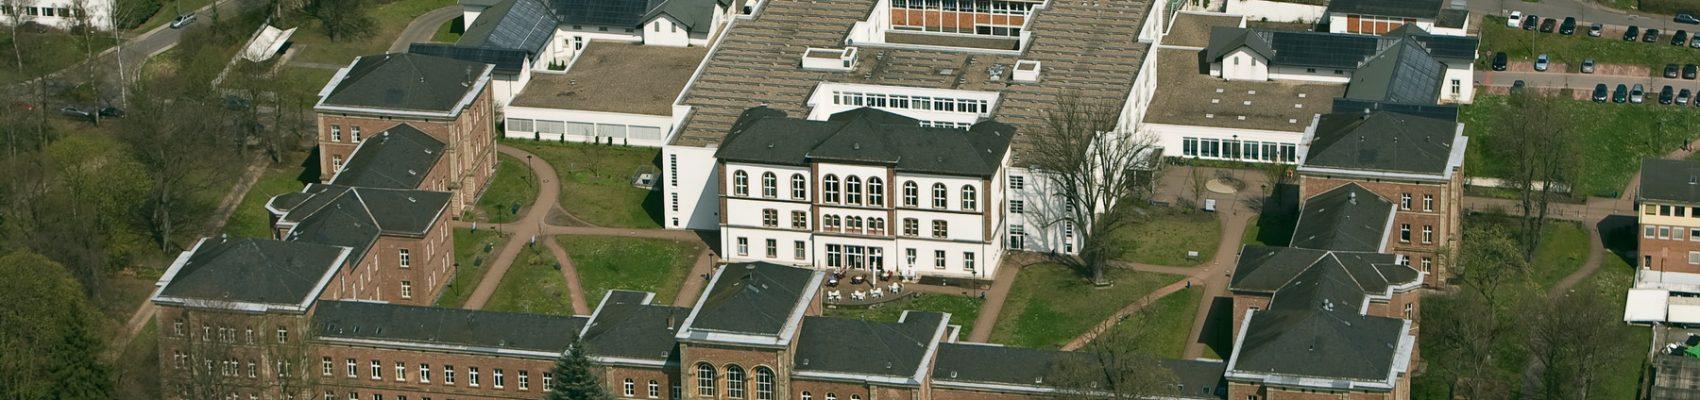 Luftaufnahme des Gesundheitscampus der SHG Klinik